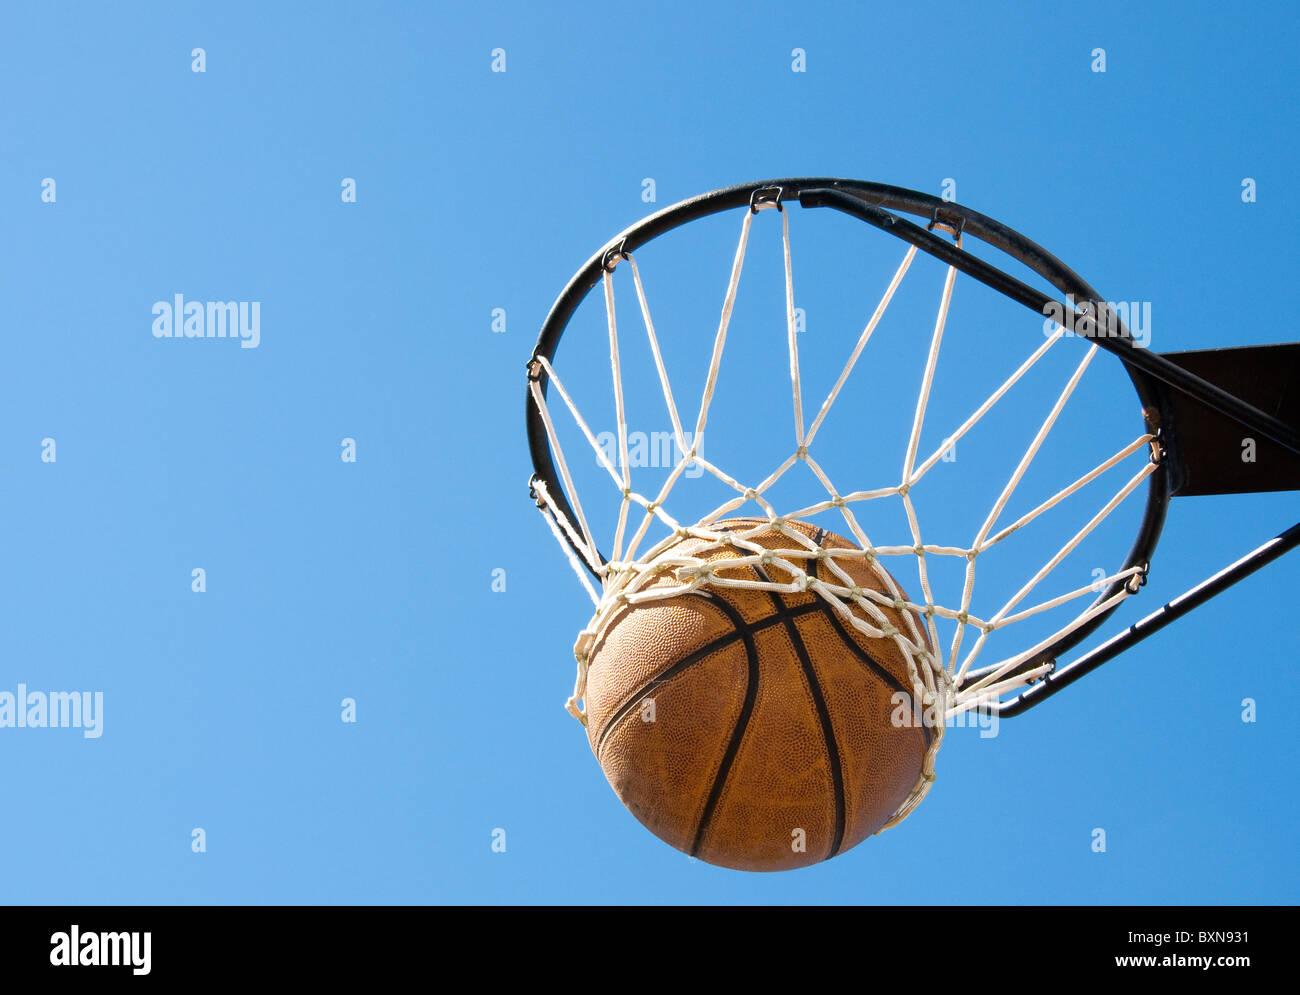 Le basket-ball dans le net - concept abstrait de succès, pour atteindre ses objectifs Photo Stock